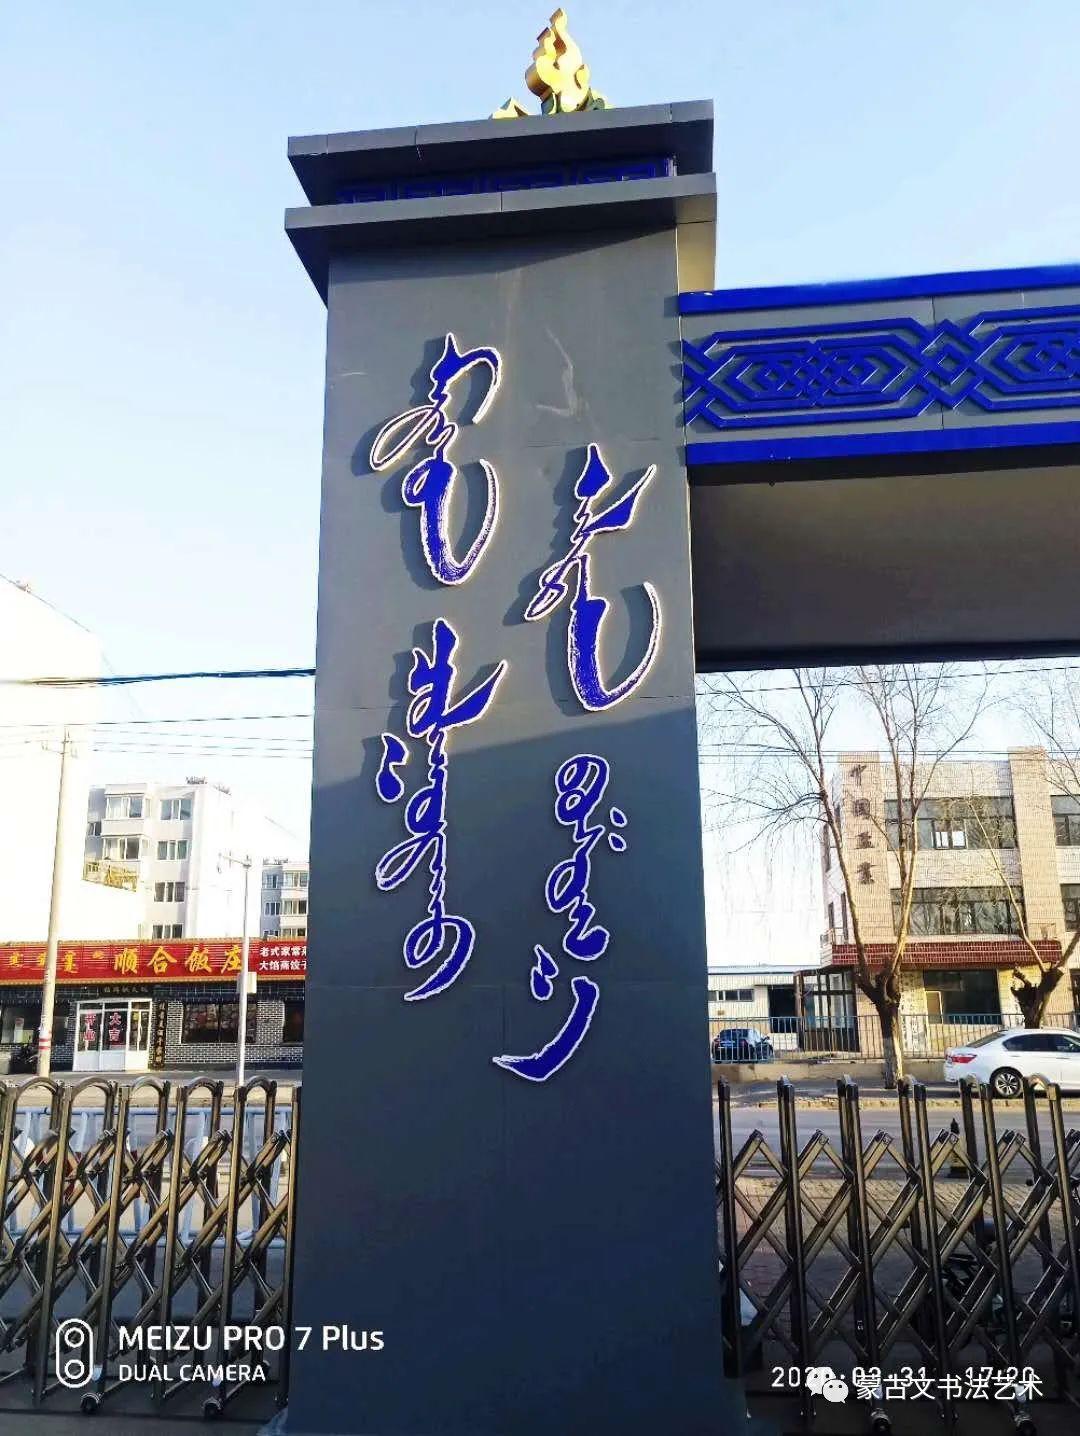 蒙古文书法社会应用展示-韩巴特 第3张 蒙古文书法社会应用展示-韩巴特 蒙古书法